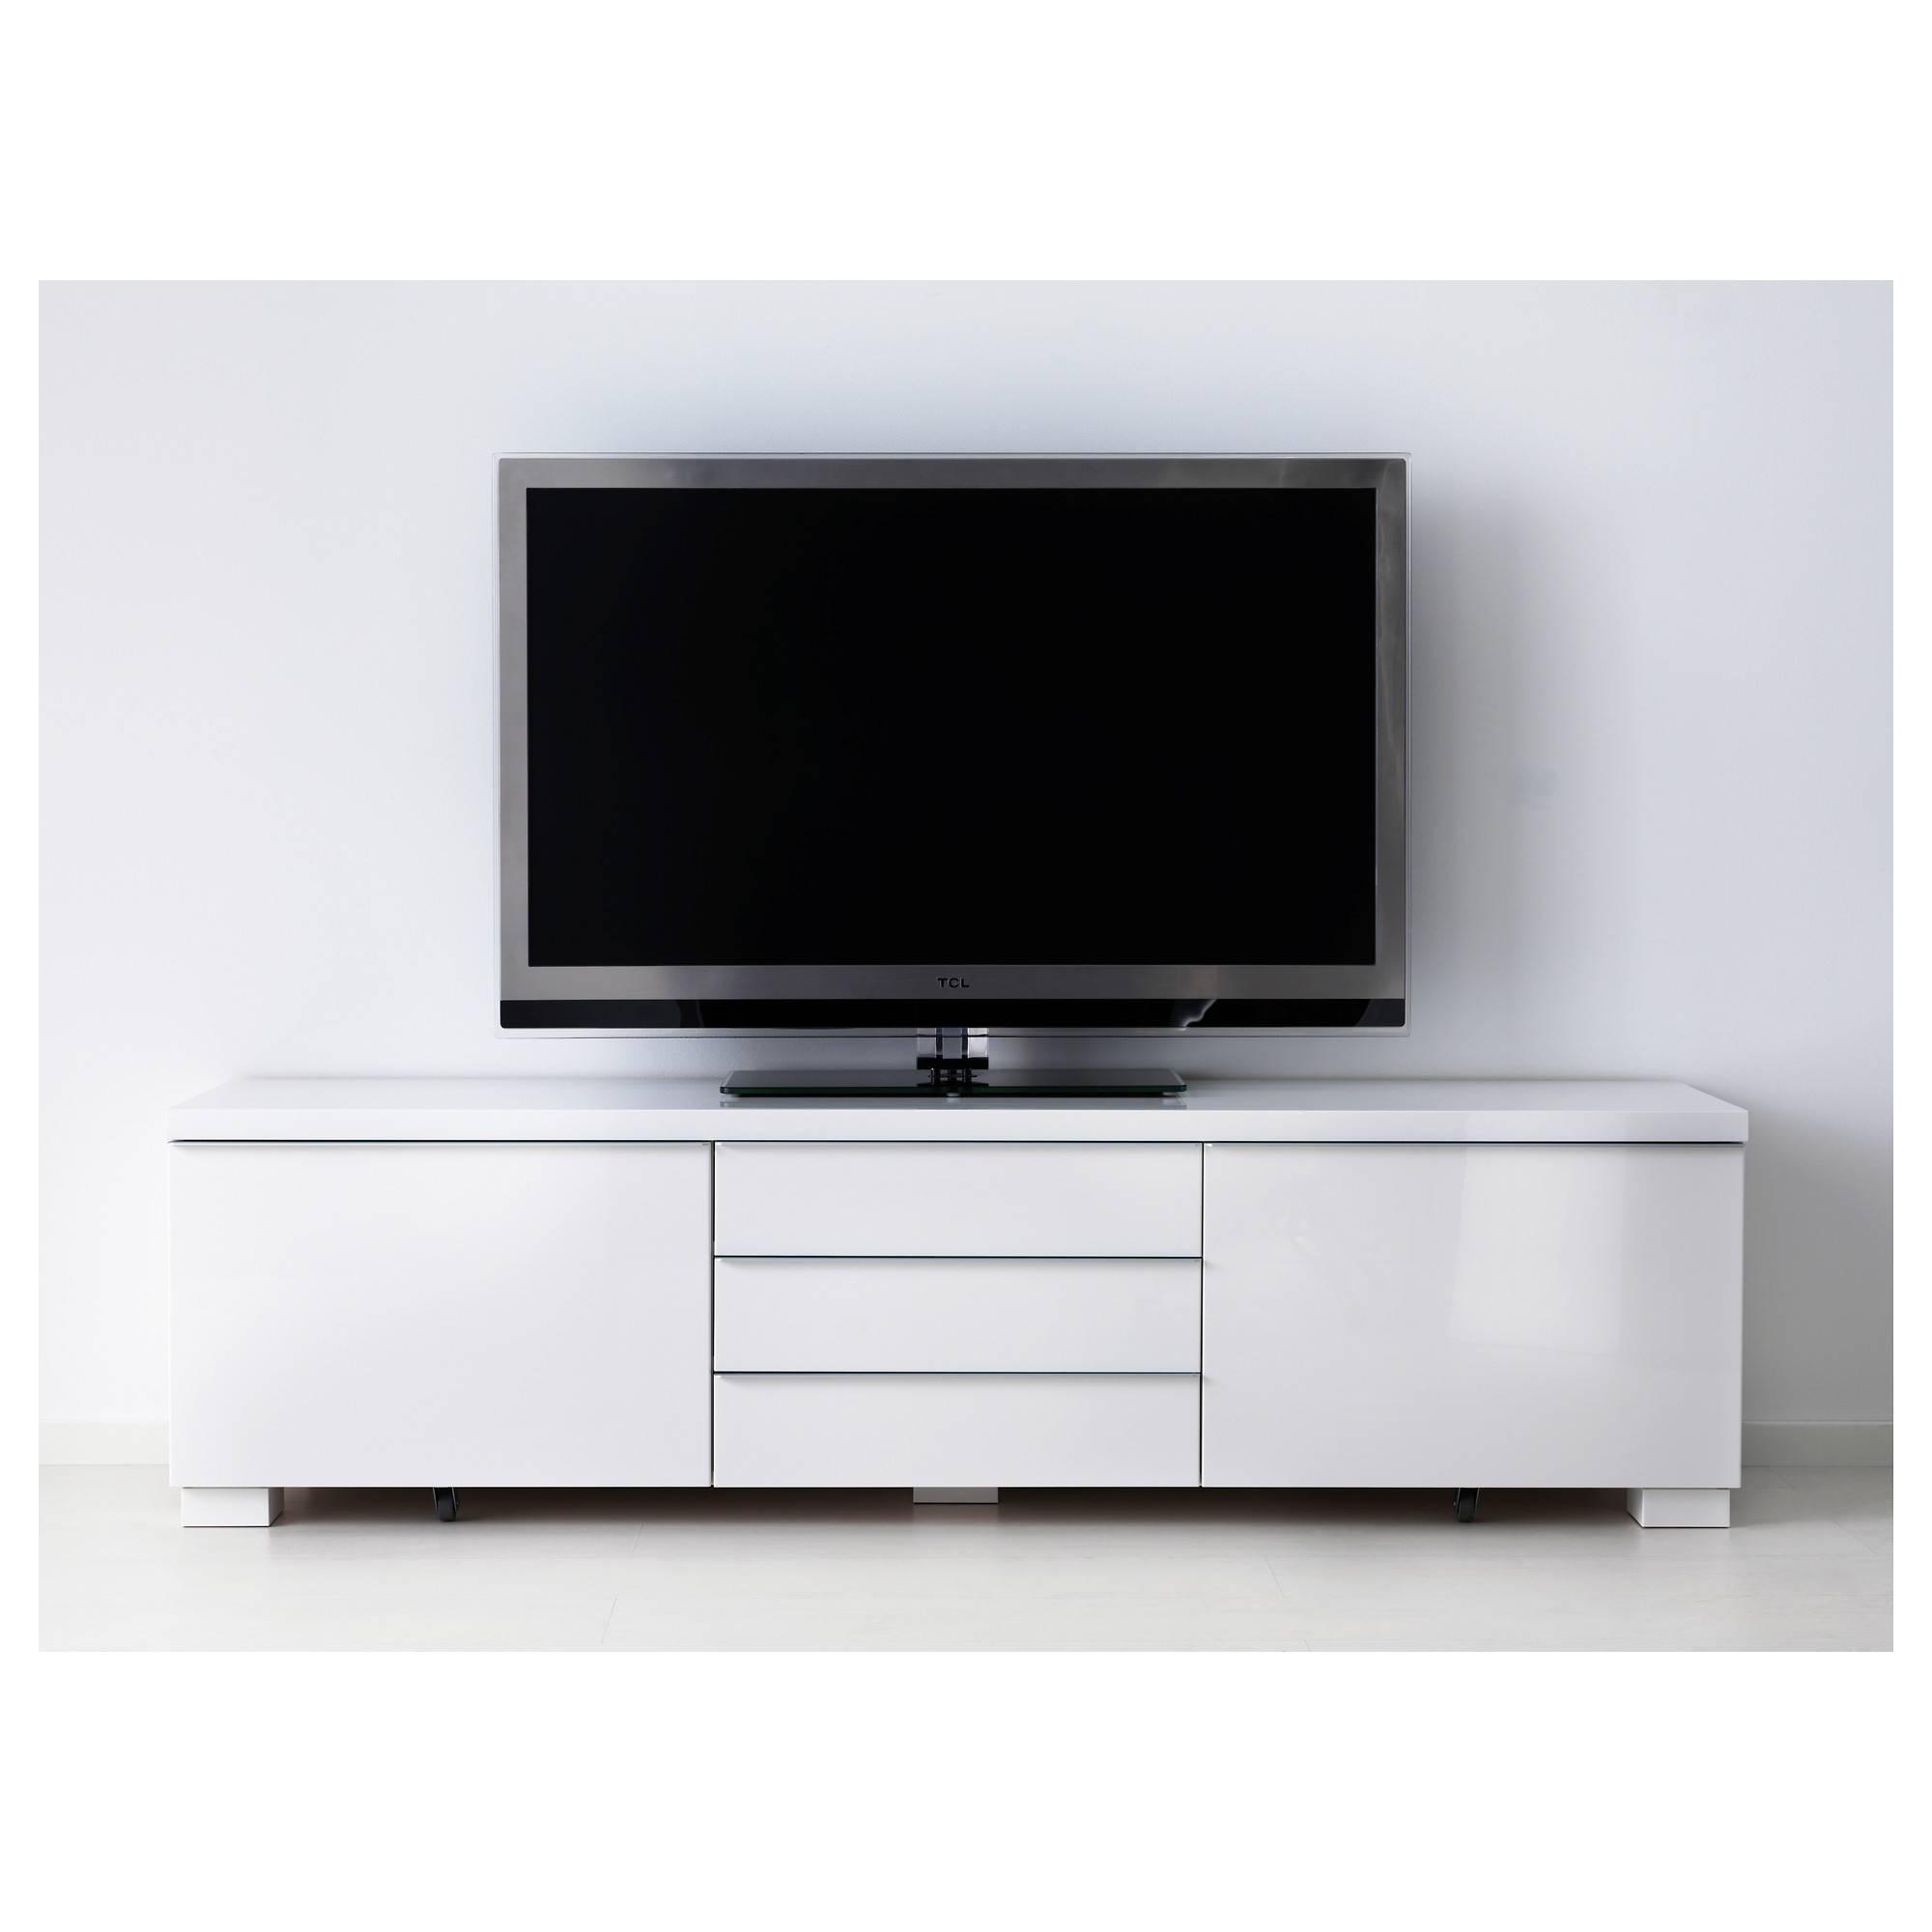 Bestå Burs Tv Unit - Ikea within White Tv Cabinets (Image 4 of 15)